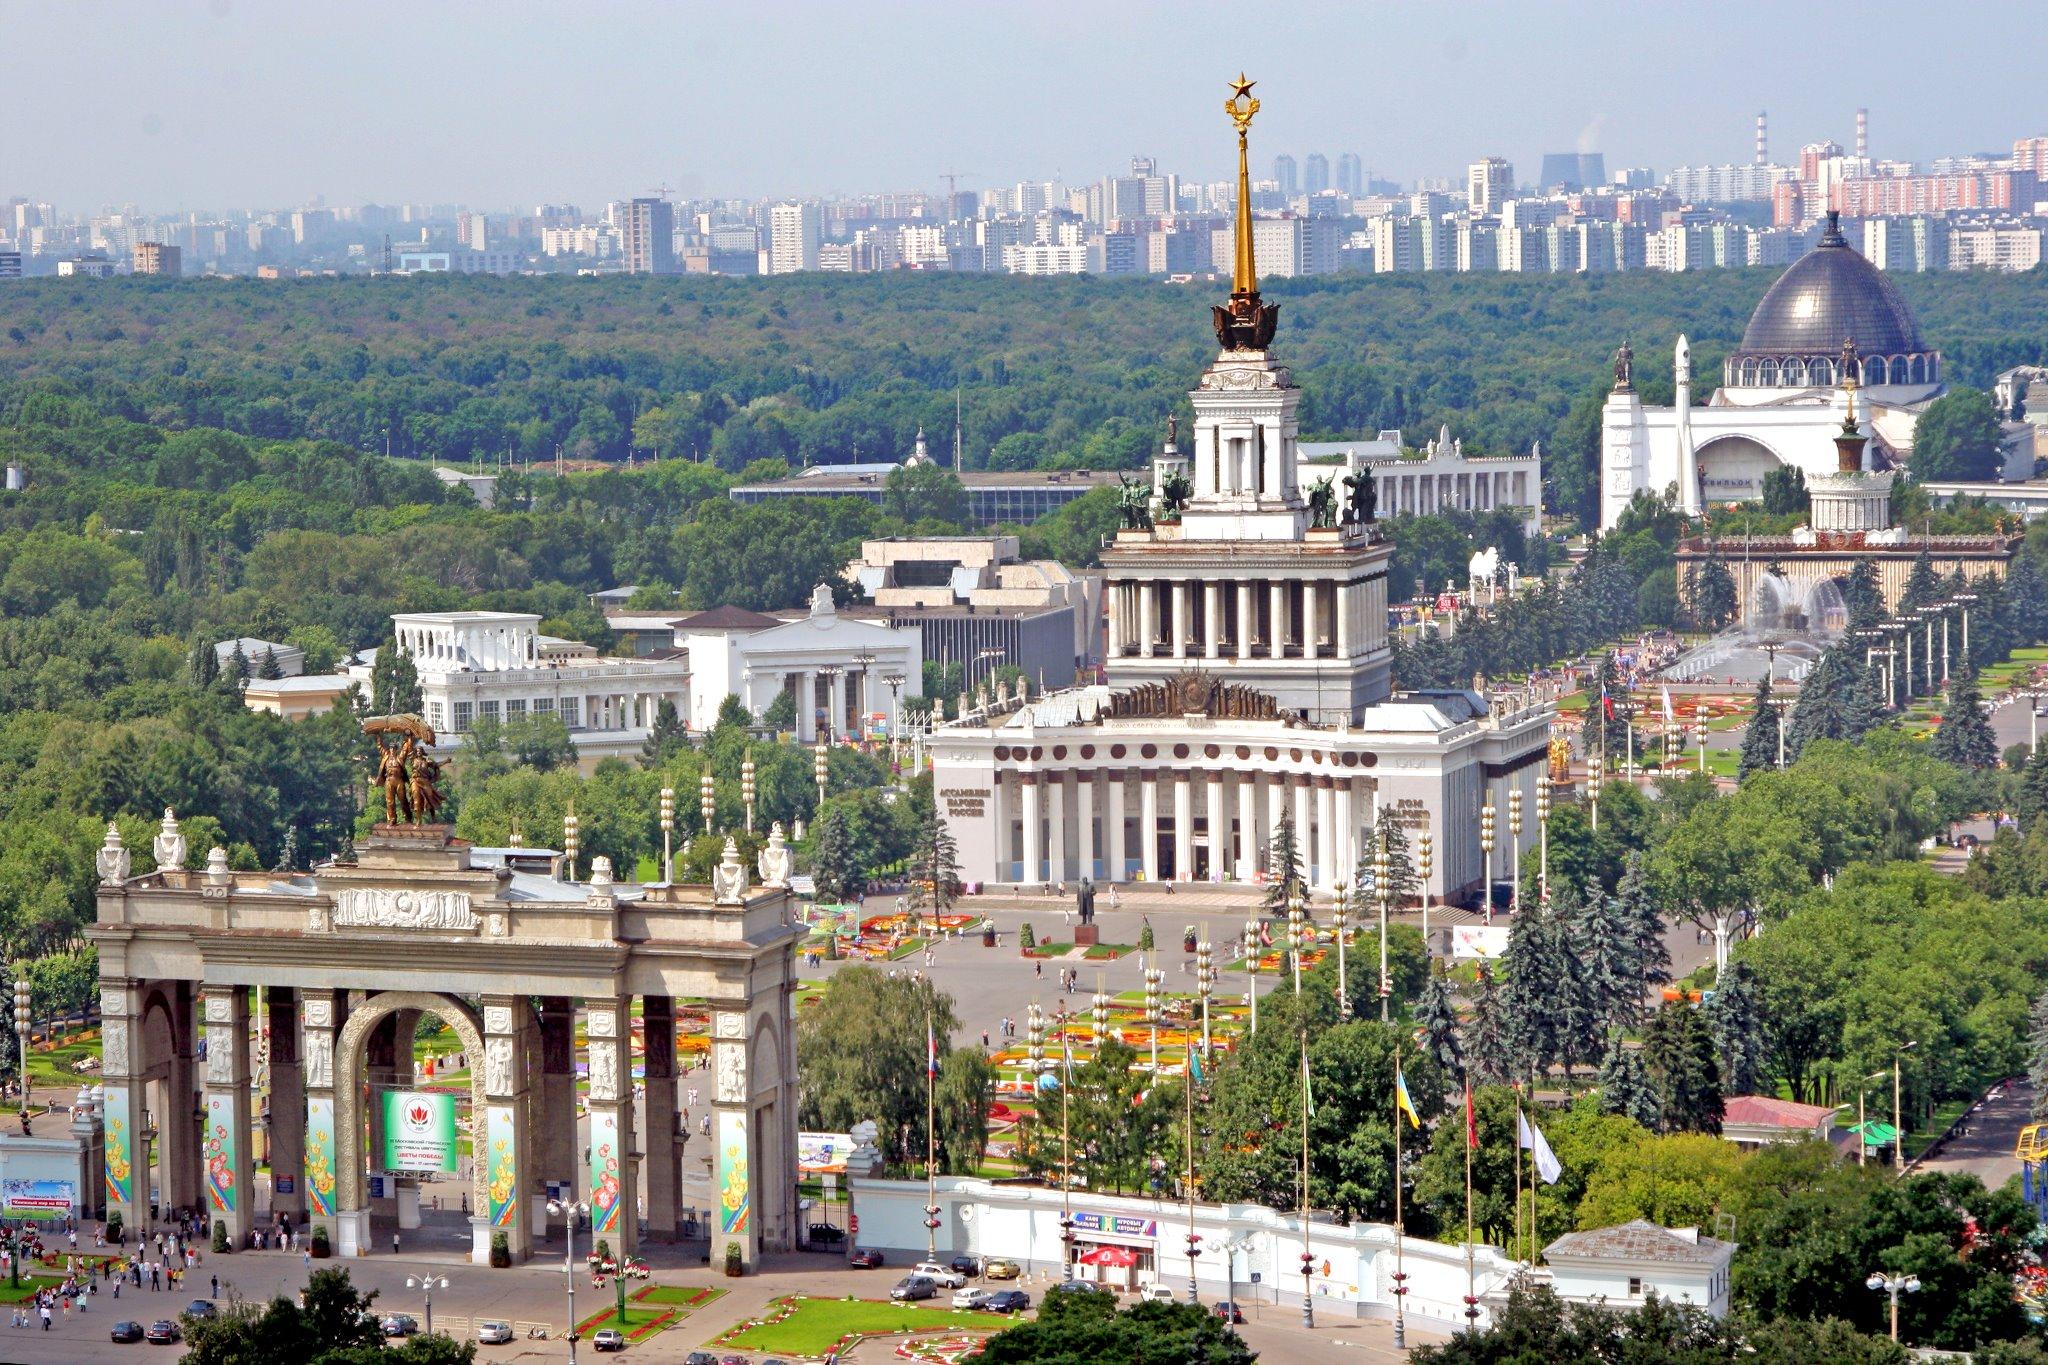 Տաշիրը խումբը 380 մլն դոլար կներդնի Մոսկվայի ВДНХ-ի արդիականացման ծրագրում